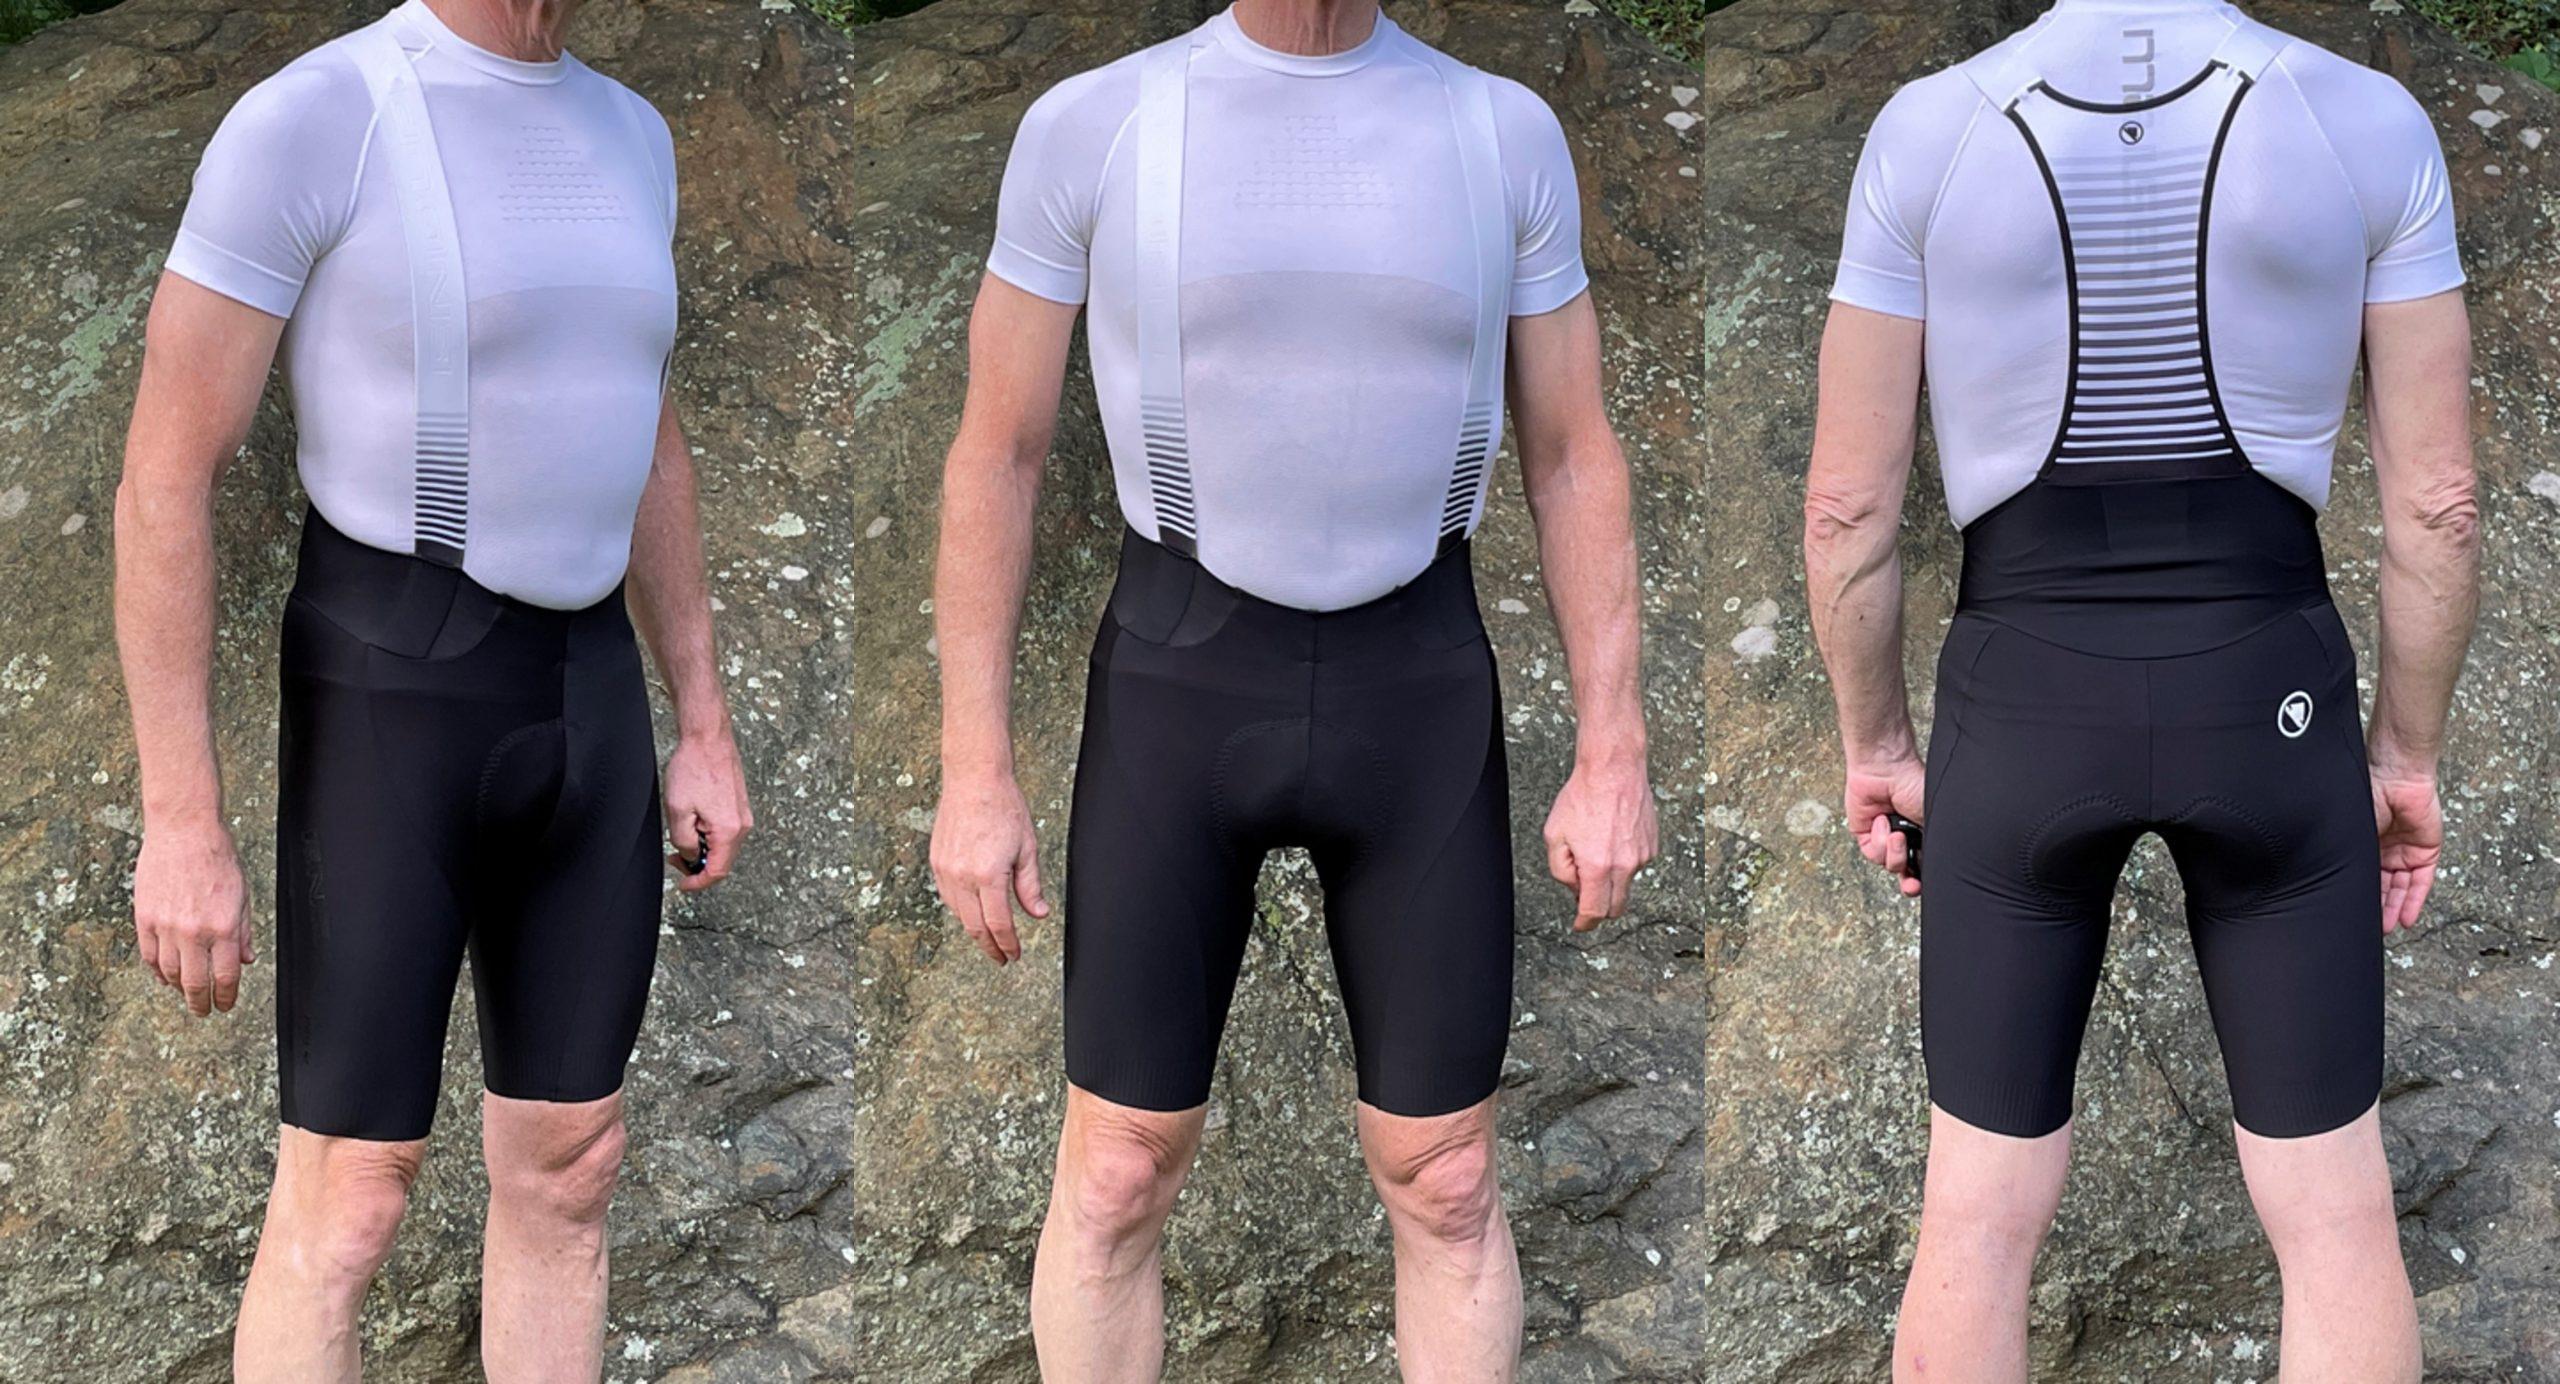 Endura Pro SL Bib Shorts